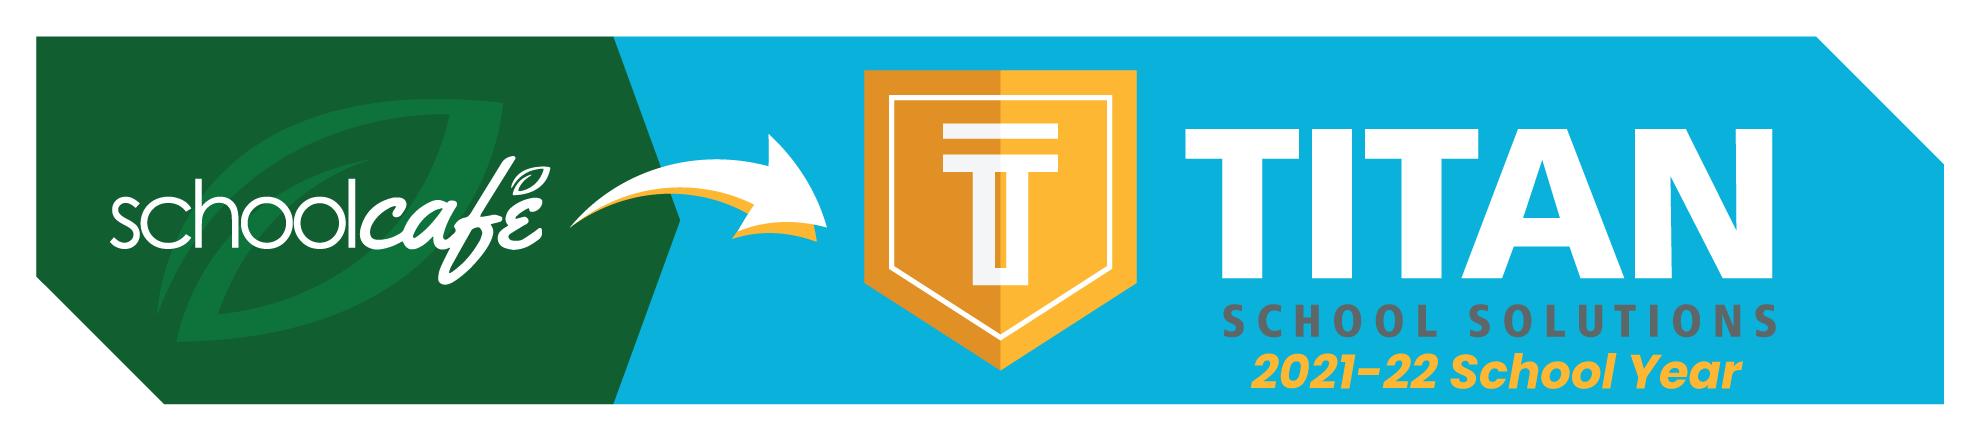 Schoolcafe to Titan School Solutions